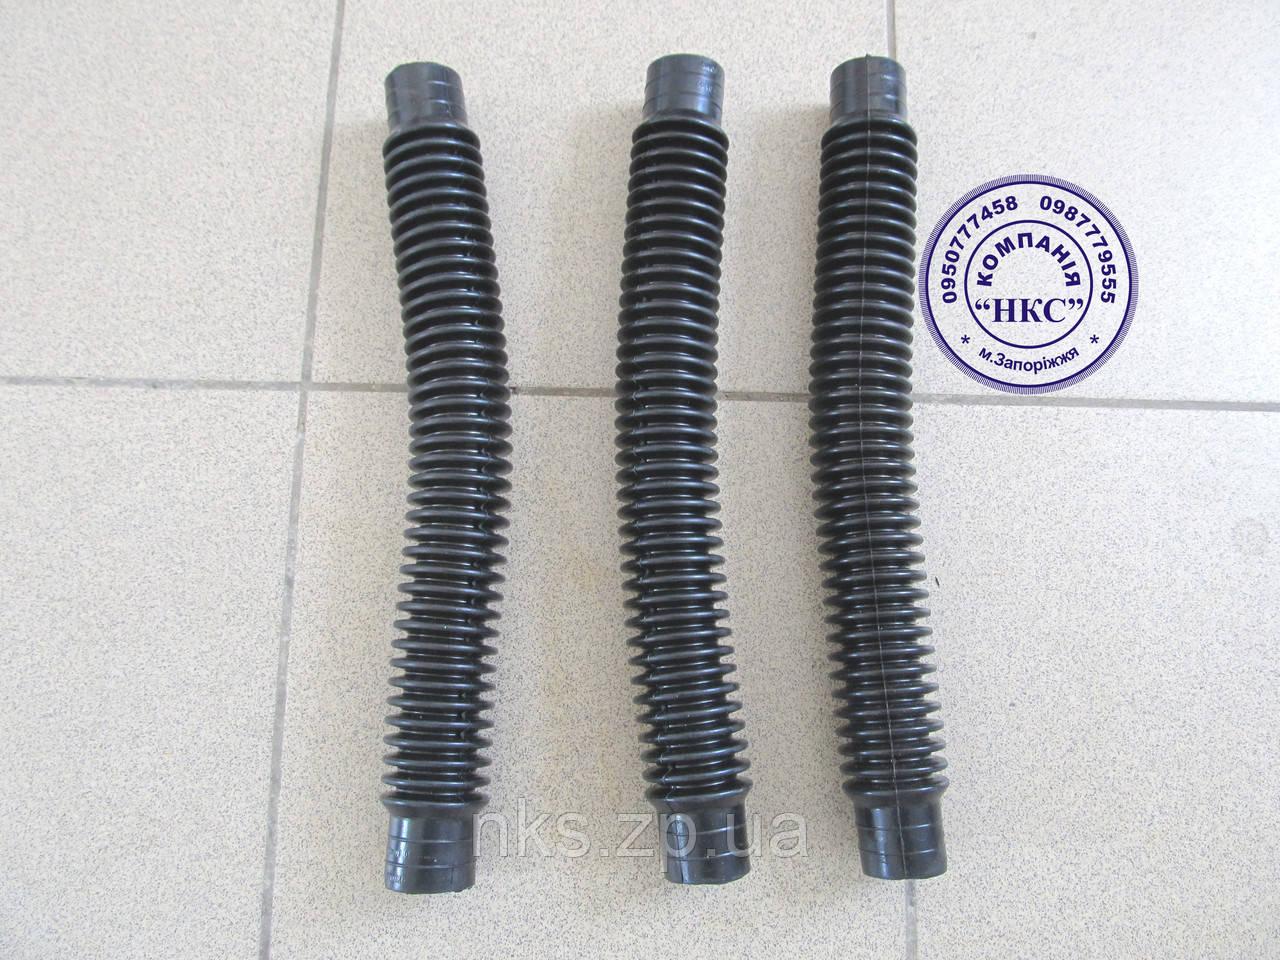 Семяпровод (силикон) СЗ-3,6А. Запчасти к сеялке СЗ-3,6А.